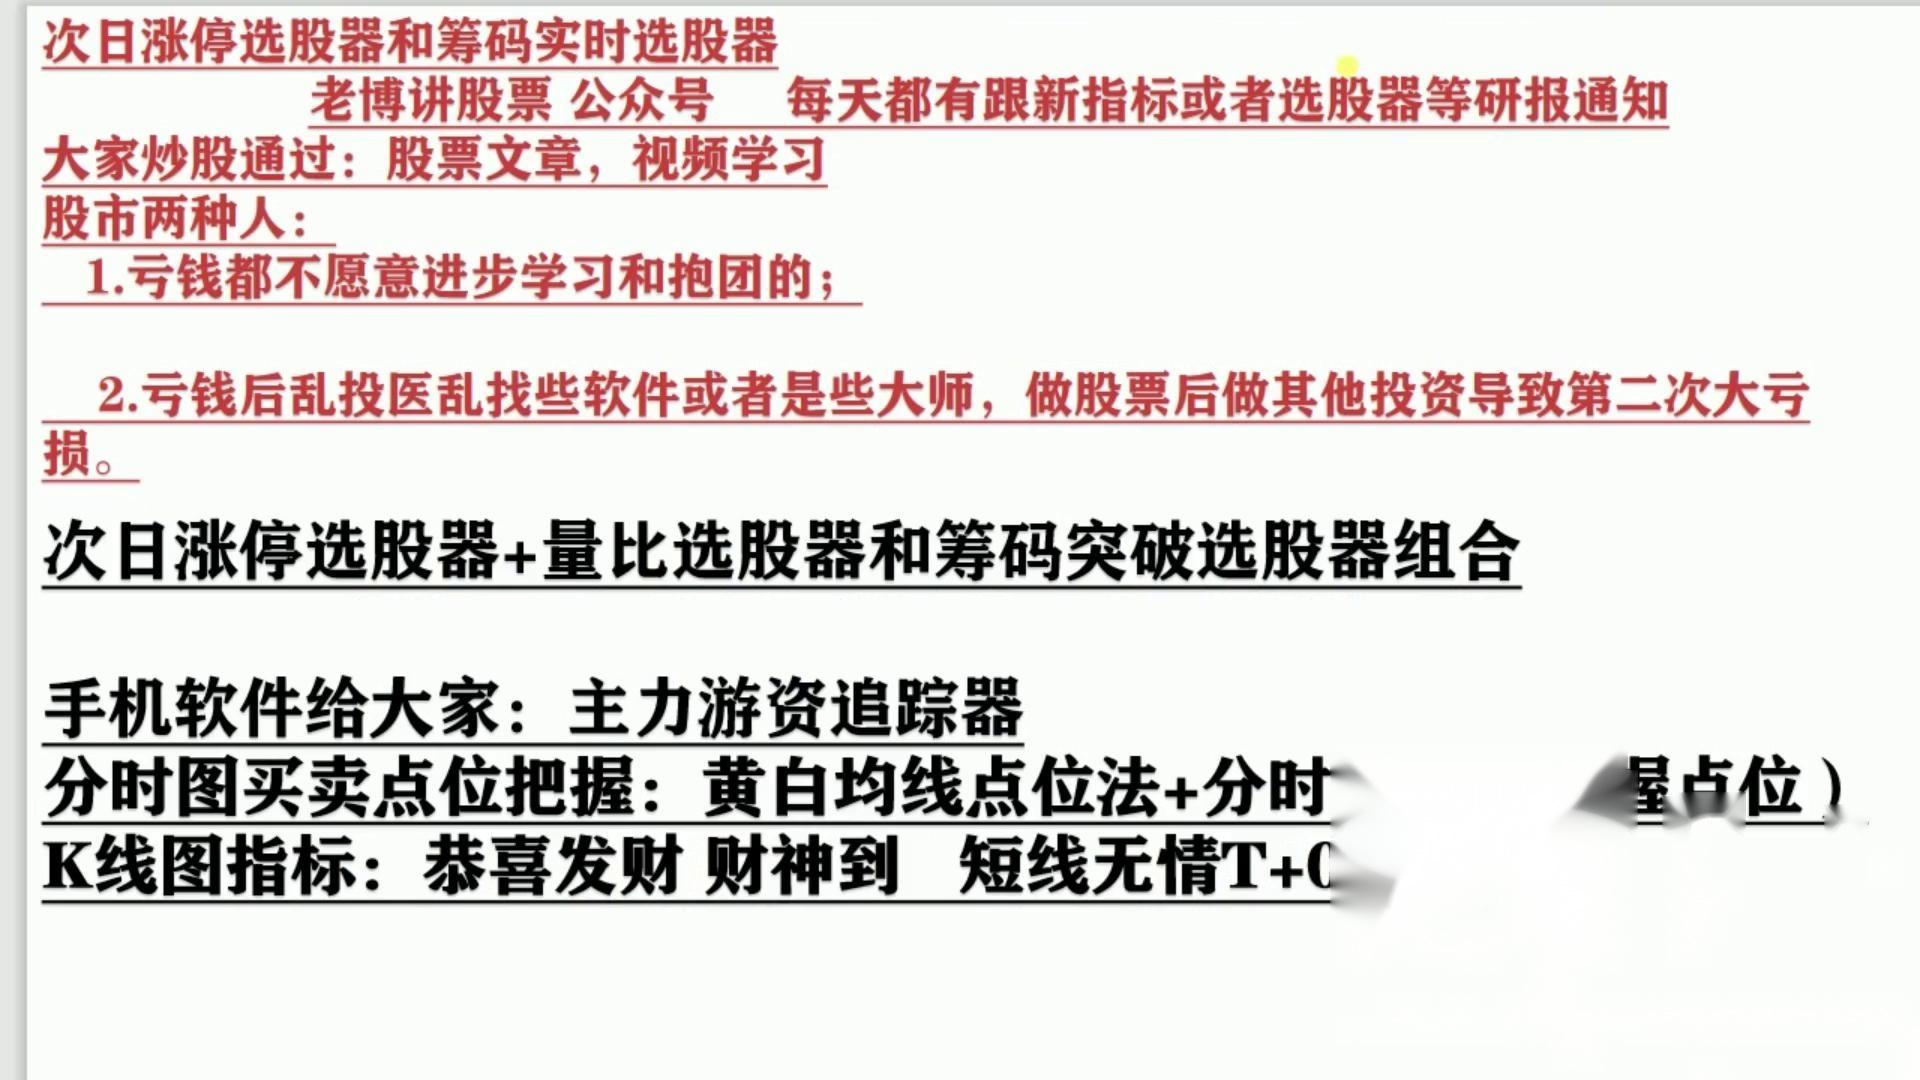 最新炒股-股票妖股检测仪次日涨停爆赚三形态(29)